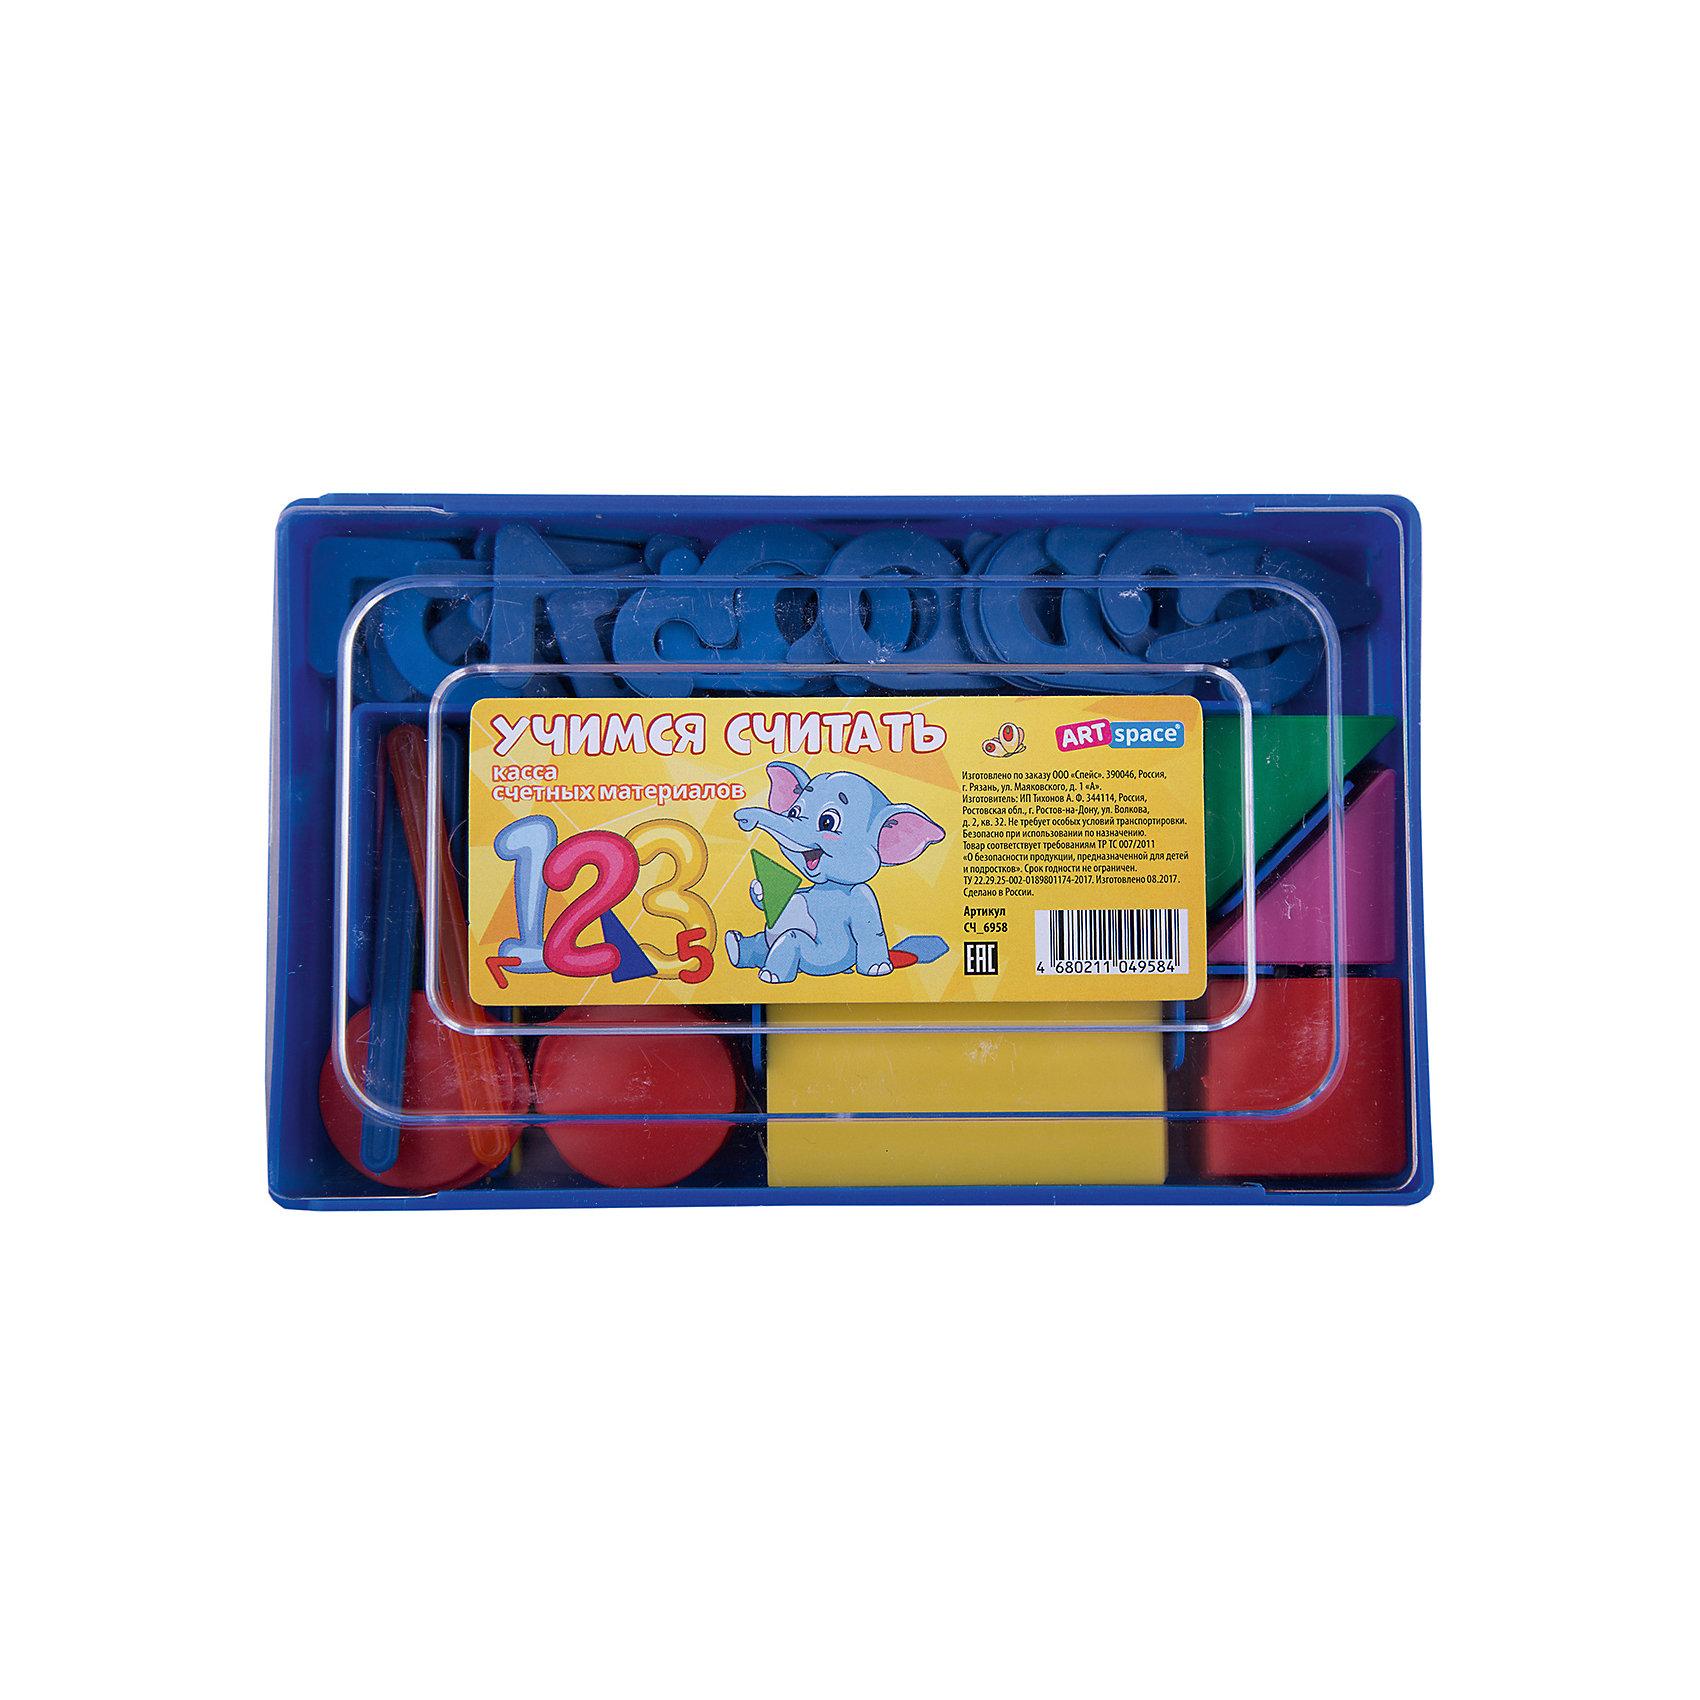 Касса цифр и счетных материалов Учись считать ArtSpace, пластикКасса цифр<br>Тип: касса цифр и счетных материалов<br>Количество элементов: 134<br>Материал: пластик<br>Размер: 28*173*108<br>Упаковка ед. товара: пластиковый короб<br>Обучающее и развивающее наглядное пособие для детей. Изготовлена на современном оборудовании из экологически чистых материалов, безопасных для здоровья детей.<br><br>Ширина мм: 172<br>Глубина мм: 106<br>Высота мм: 26<br>Вес г: 400<br>Возраст от месяцев: 60<br>Возраст до месяцев: 2147483647<br>Пол: Унисекс<br>Возраст: Детский<br>SKU: 7044138